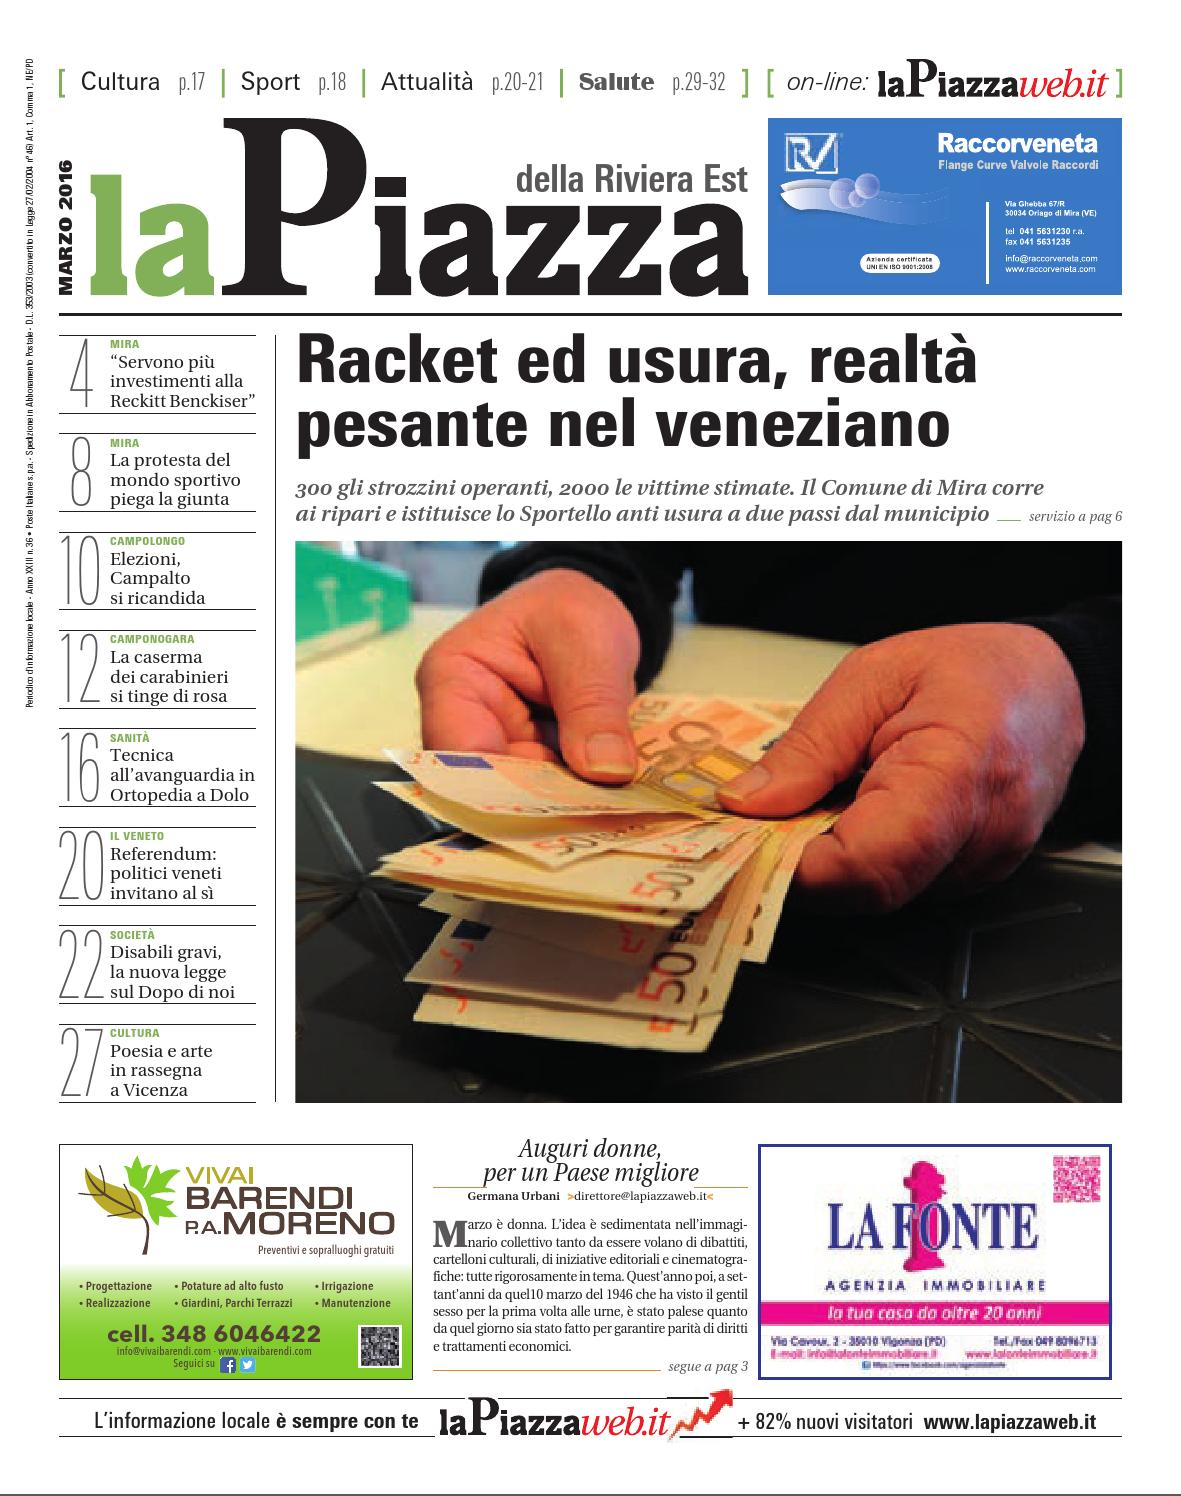 Riviera est marz2016 n36 by lapiazza give emotions - issuu 9af27b047ed2